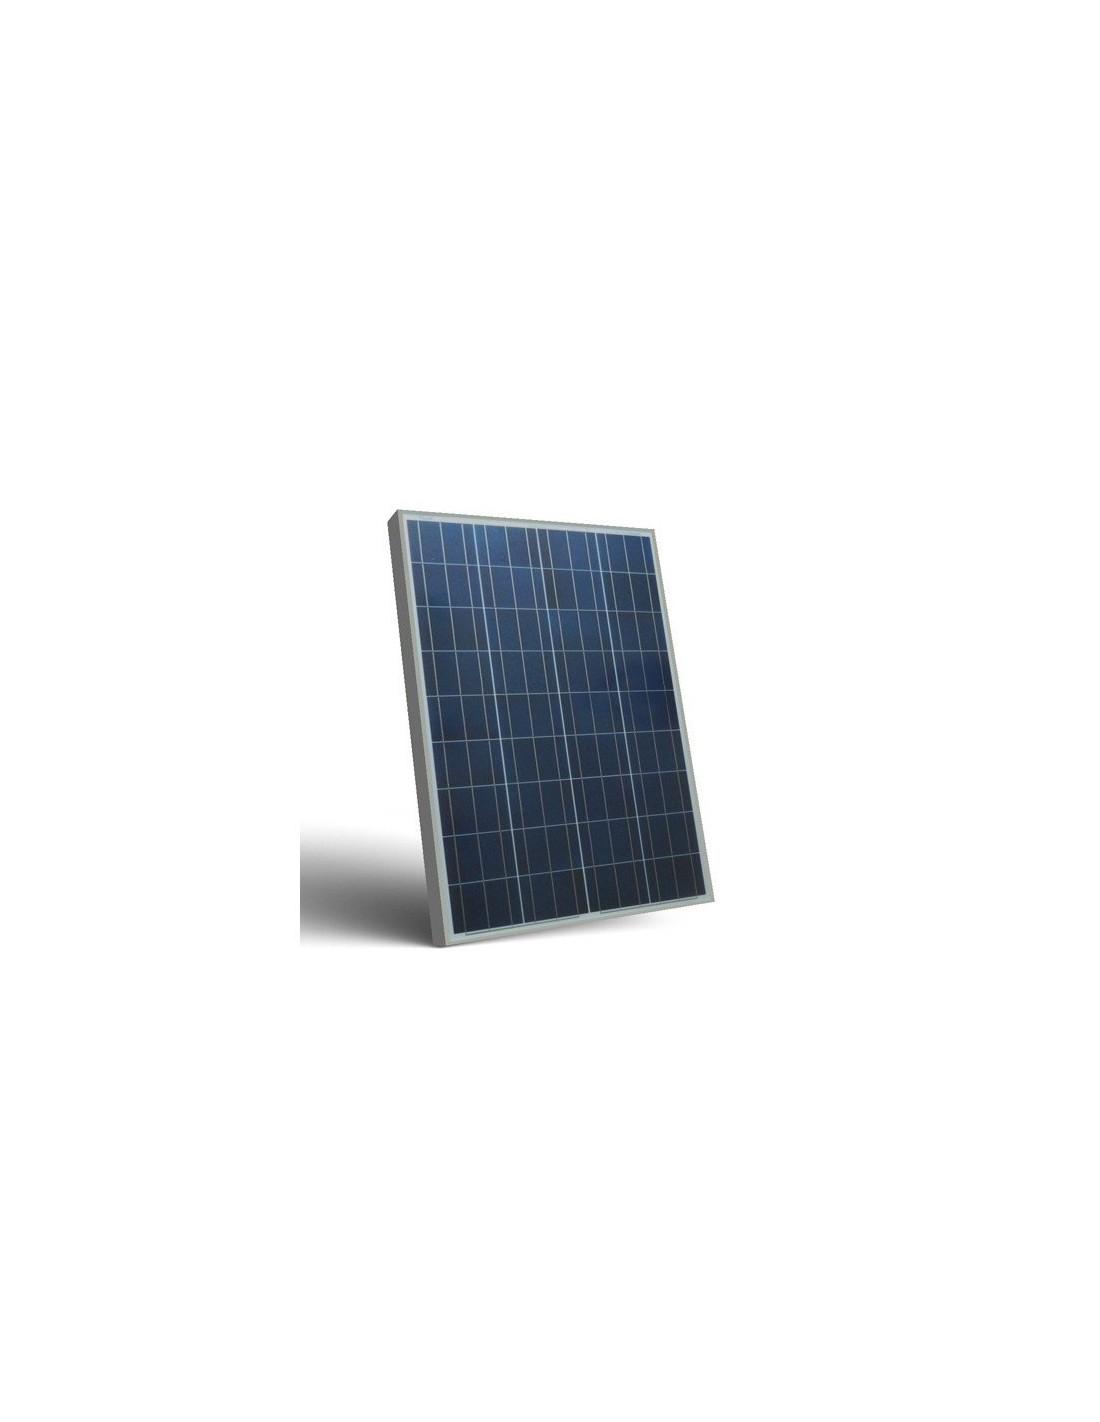 Regolatore Di Carica Pannello Solare 100w : Kit solare votivo w v pannello regolatore led